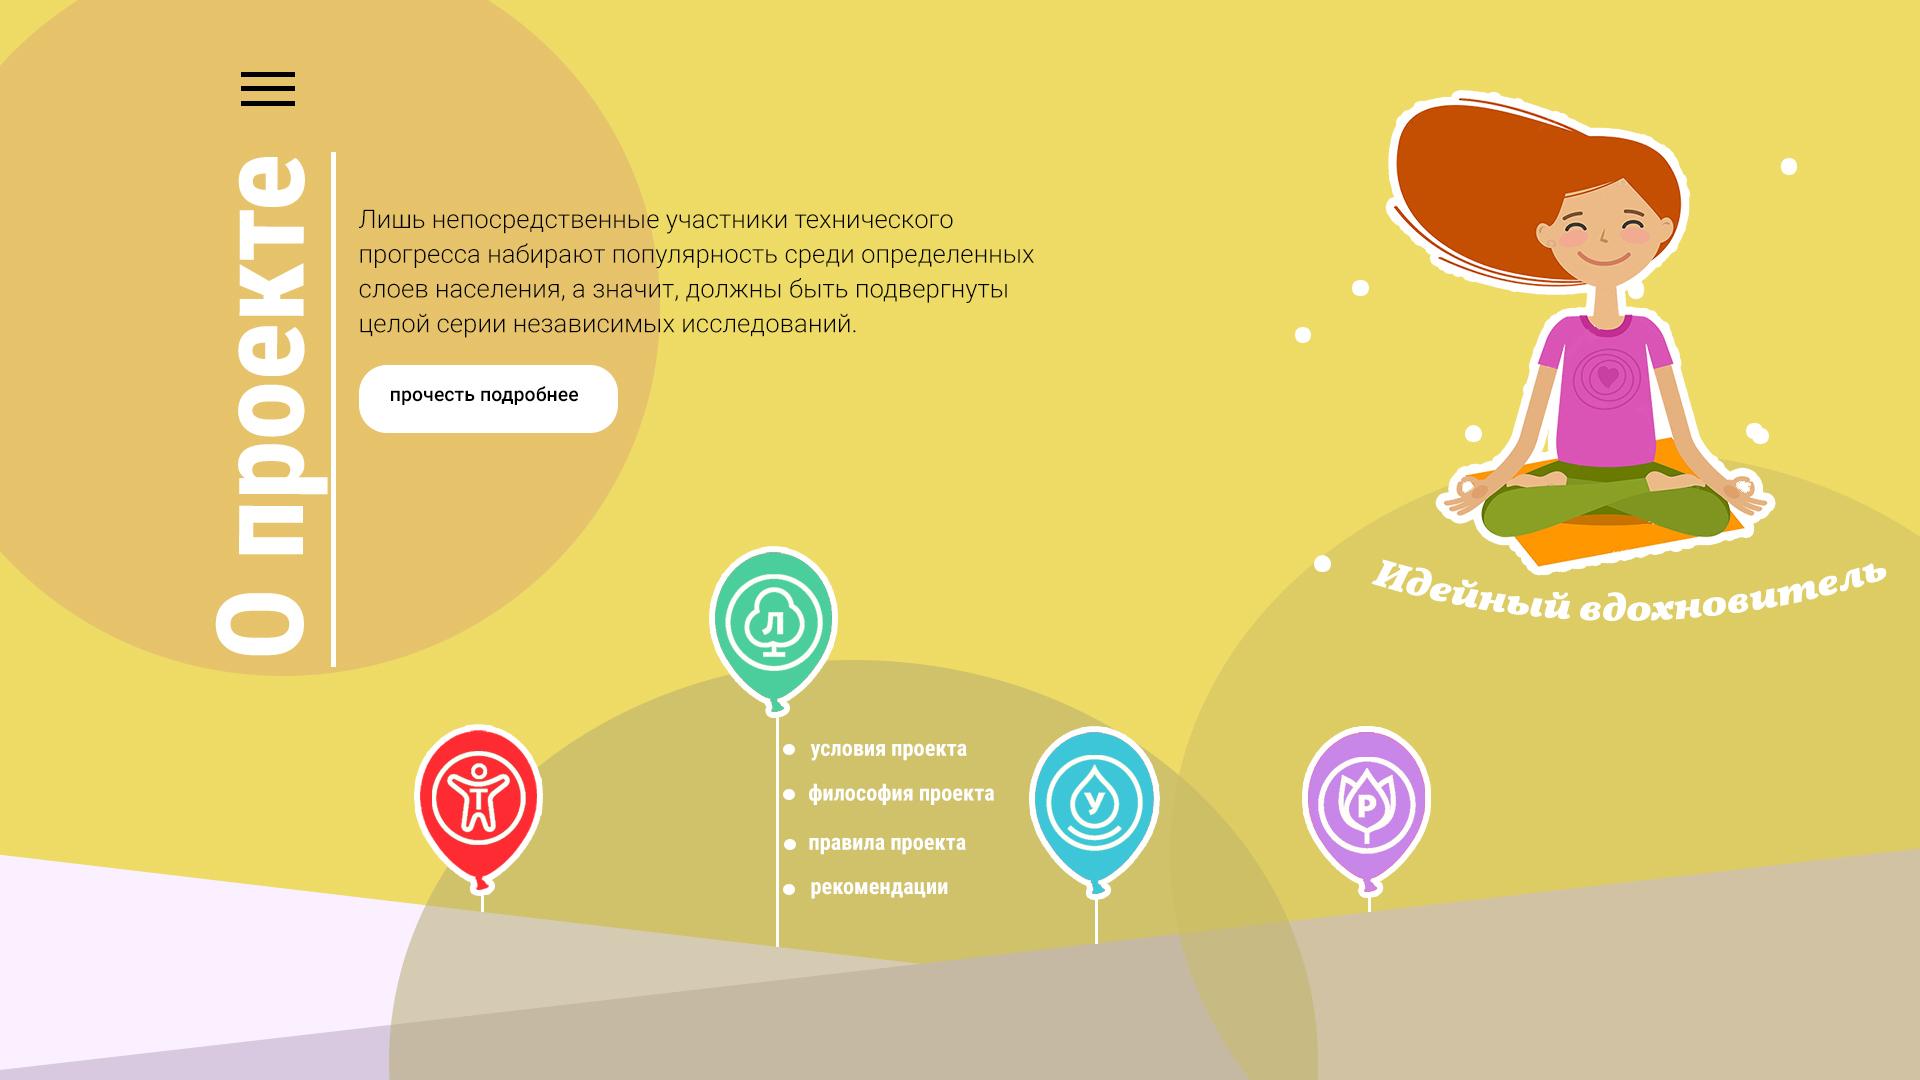 Креативный дизайн внутренней страницы портала для детей фото f_2175cfd09df49a4e.jpg